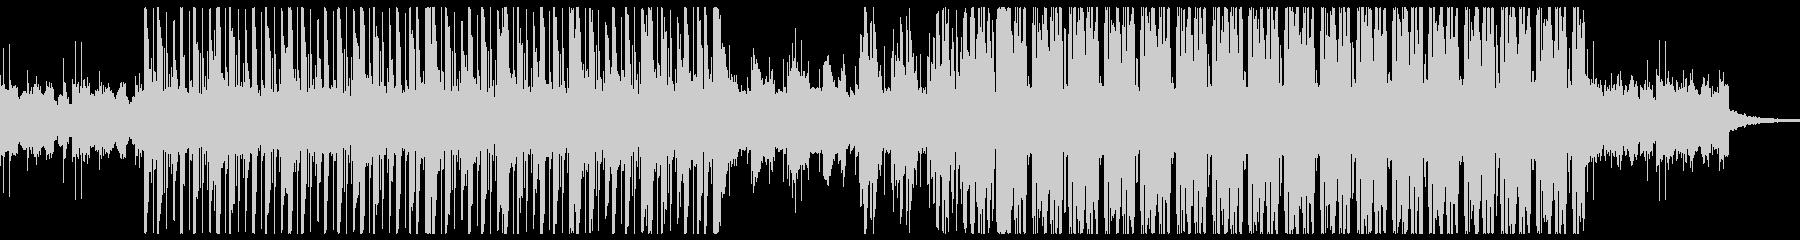 色々なテーマ音に使えそうなBGMの未再生の波形